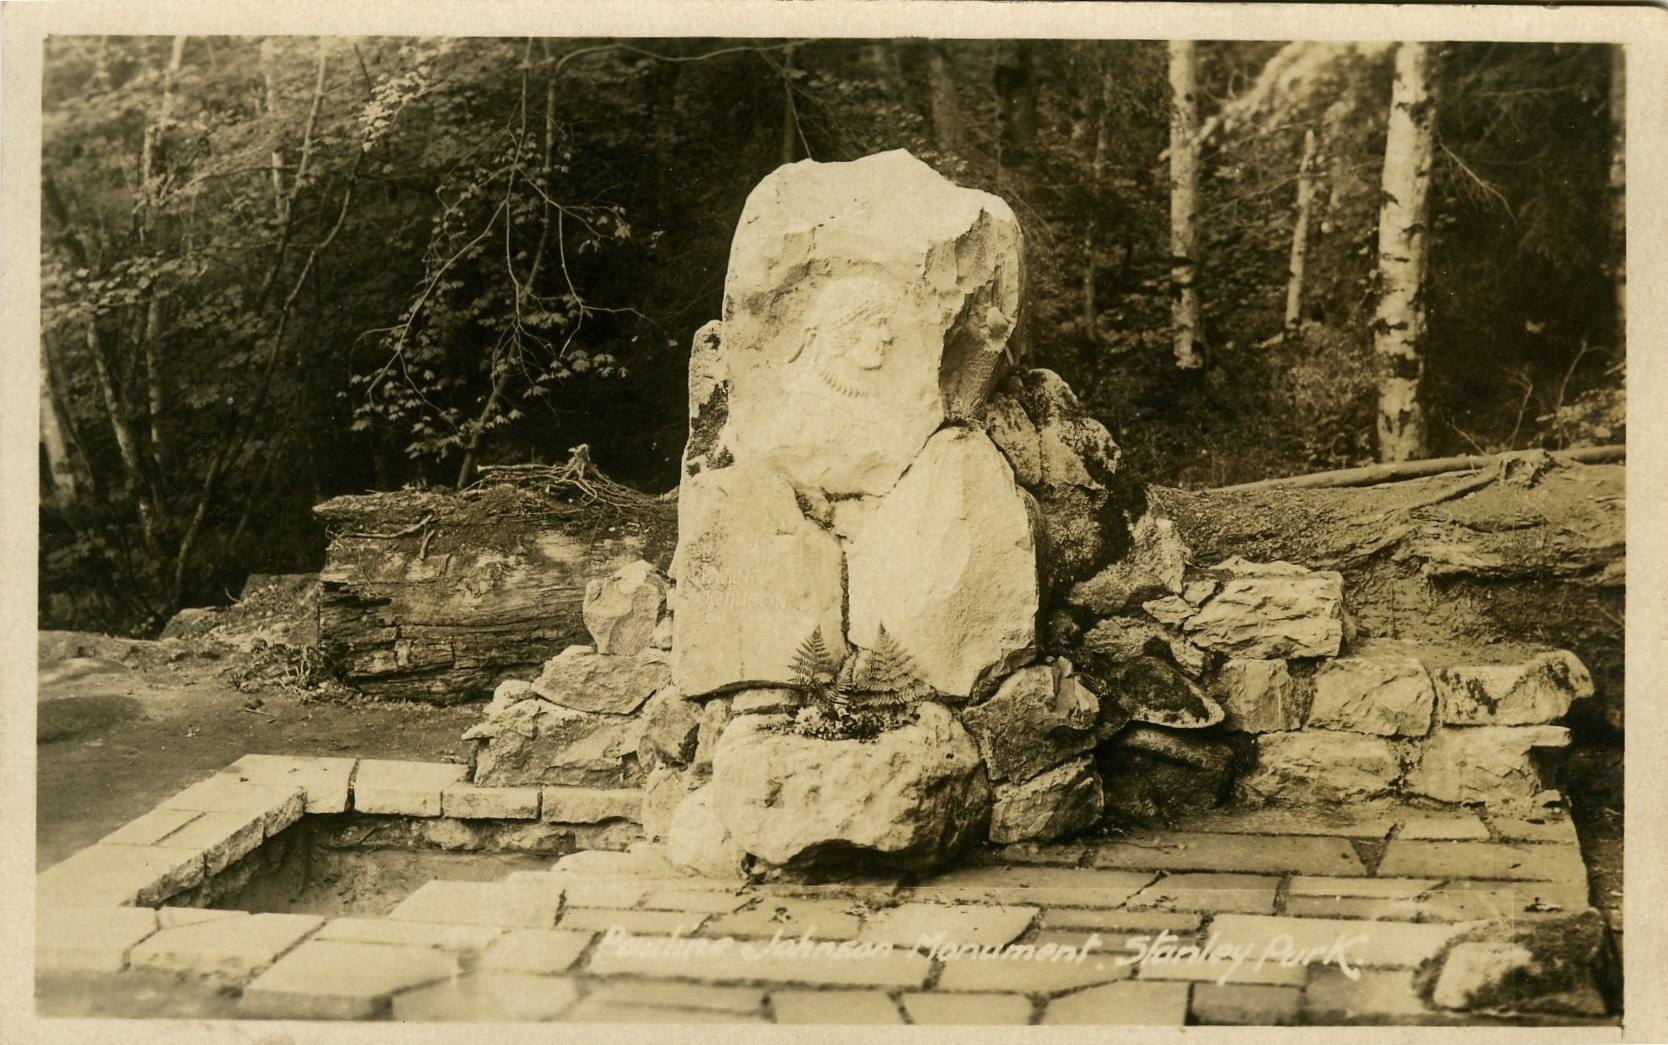 Pauline Johnson Memorial, Stanley Park, Vancouver BC - postcard